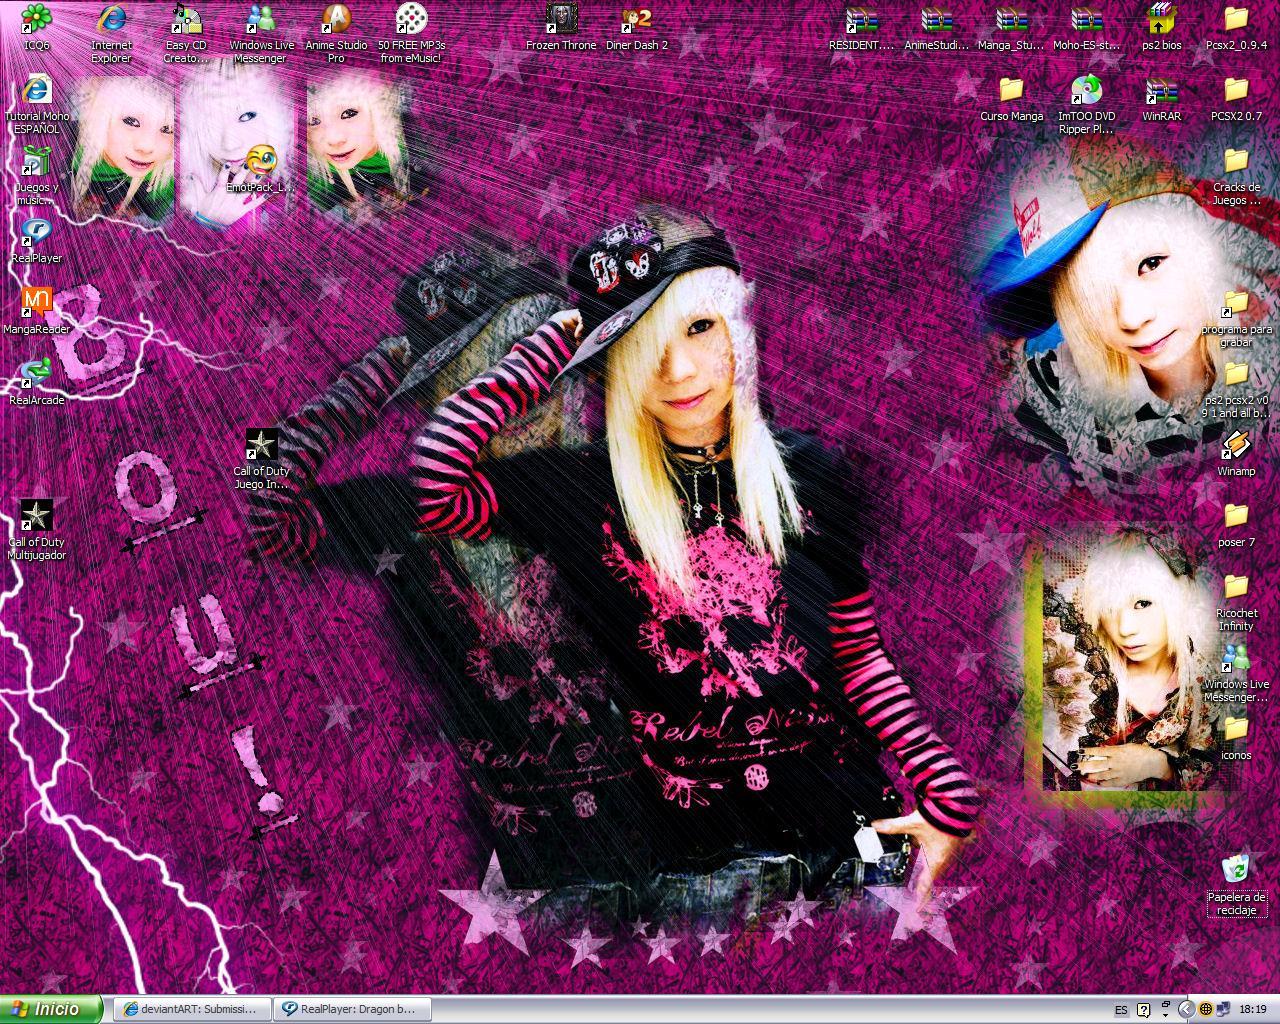 http://fc01.deviantart.net/fs30/f/2008/095/8/d/Bou_wallpaper_by_ladiosaisis.jpg